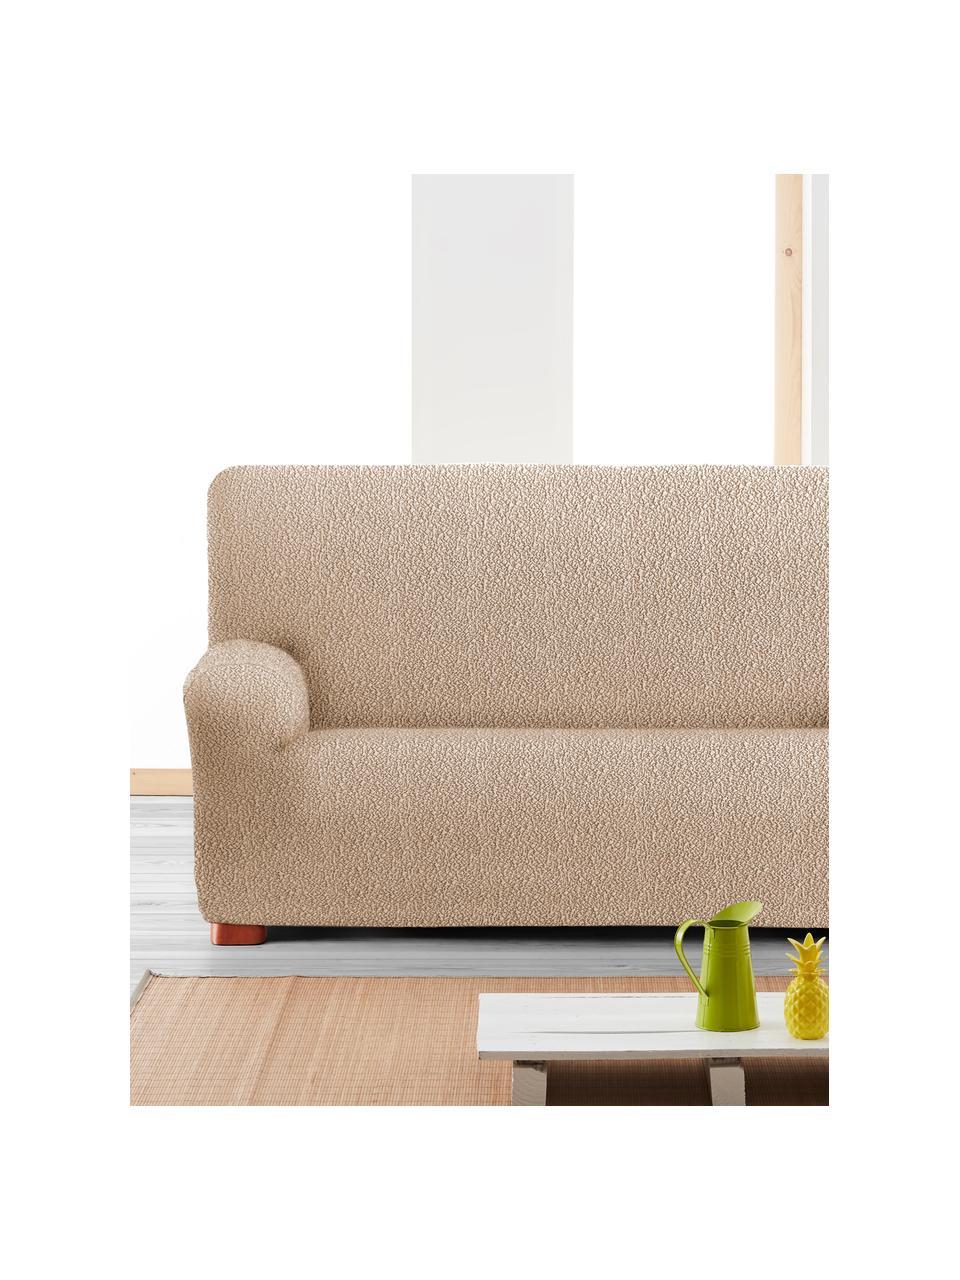 Pokrowiec na sofę Roc, 55% poliester, 35% bawełna, 10% elastomer, Beżowy, S 200 x W 120 cm